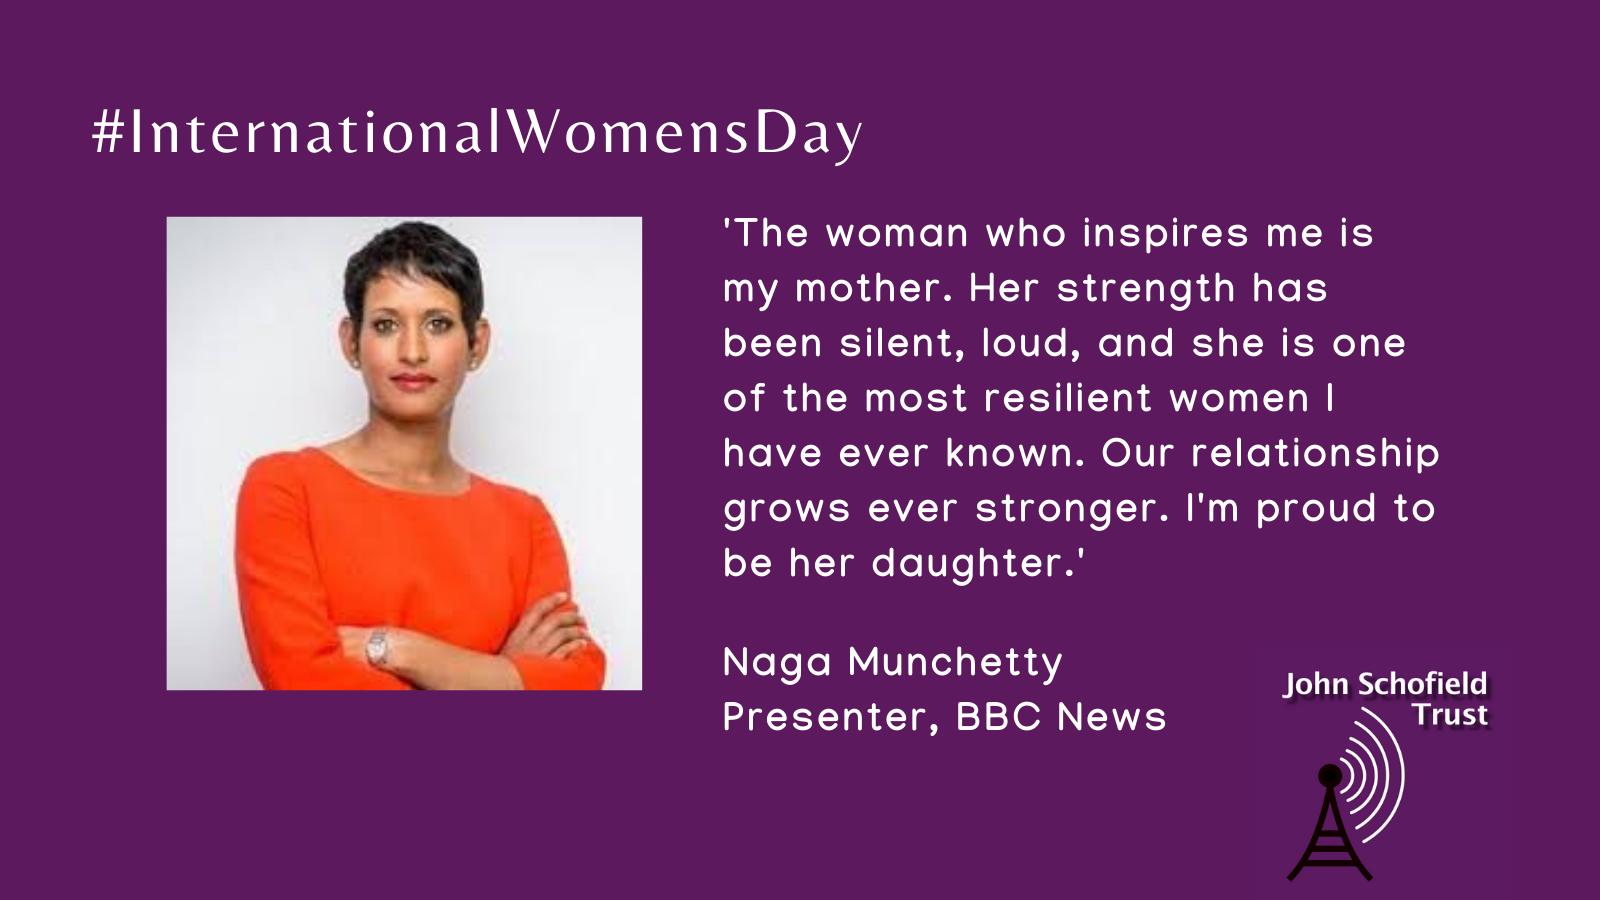 Naga Munchetty's inspirational woman for #IWD